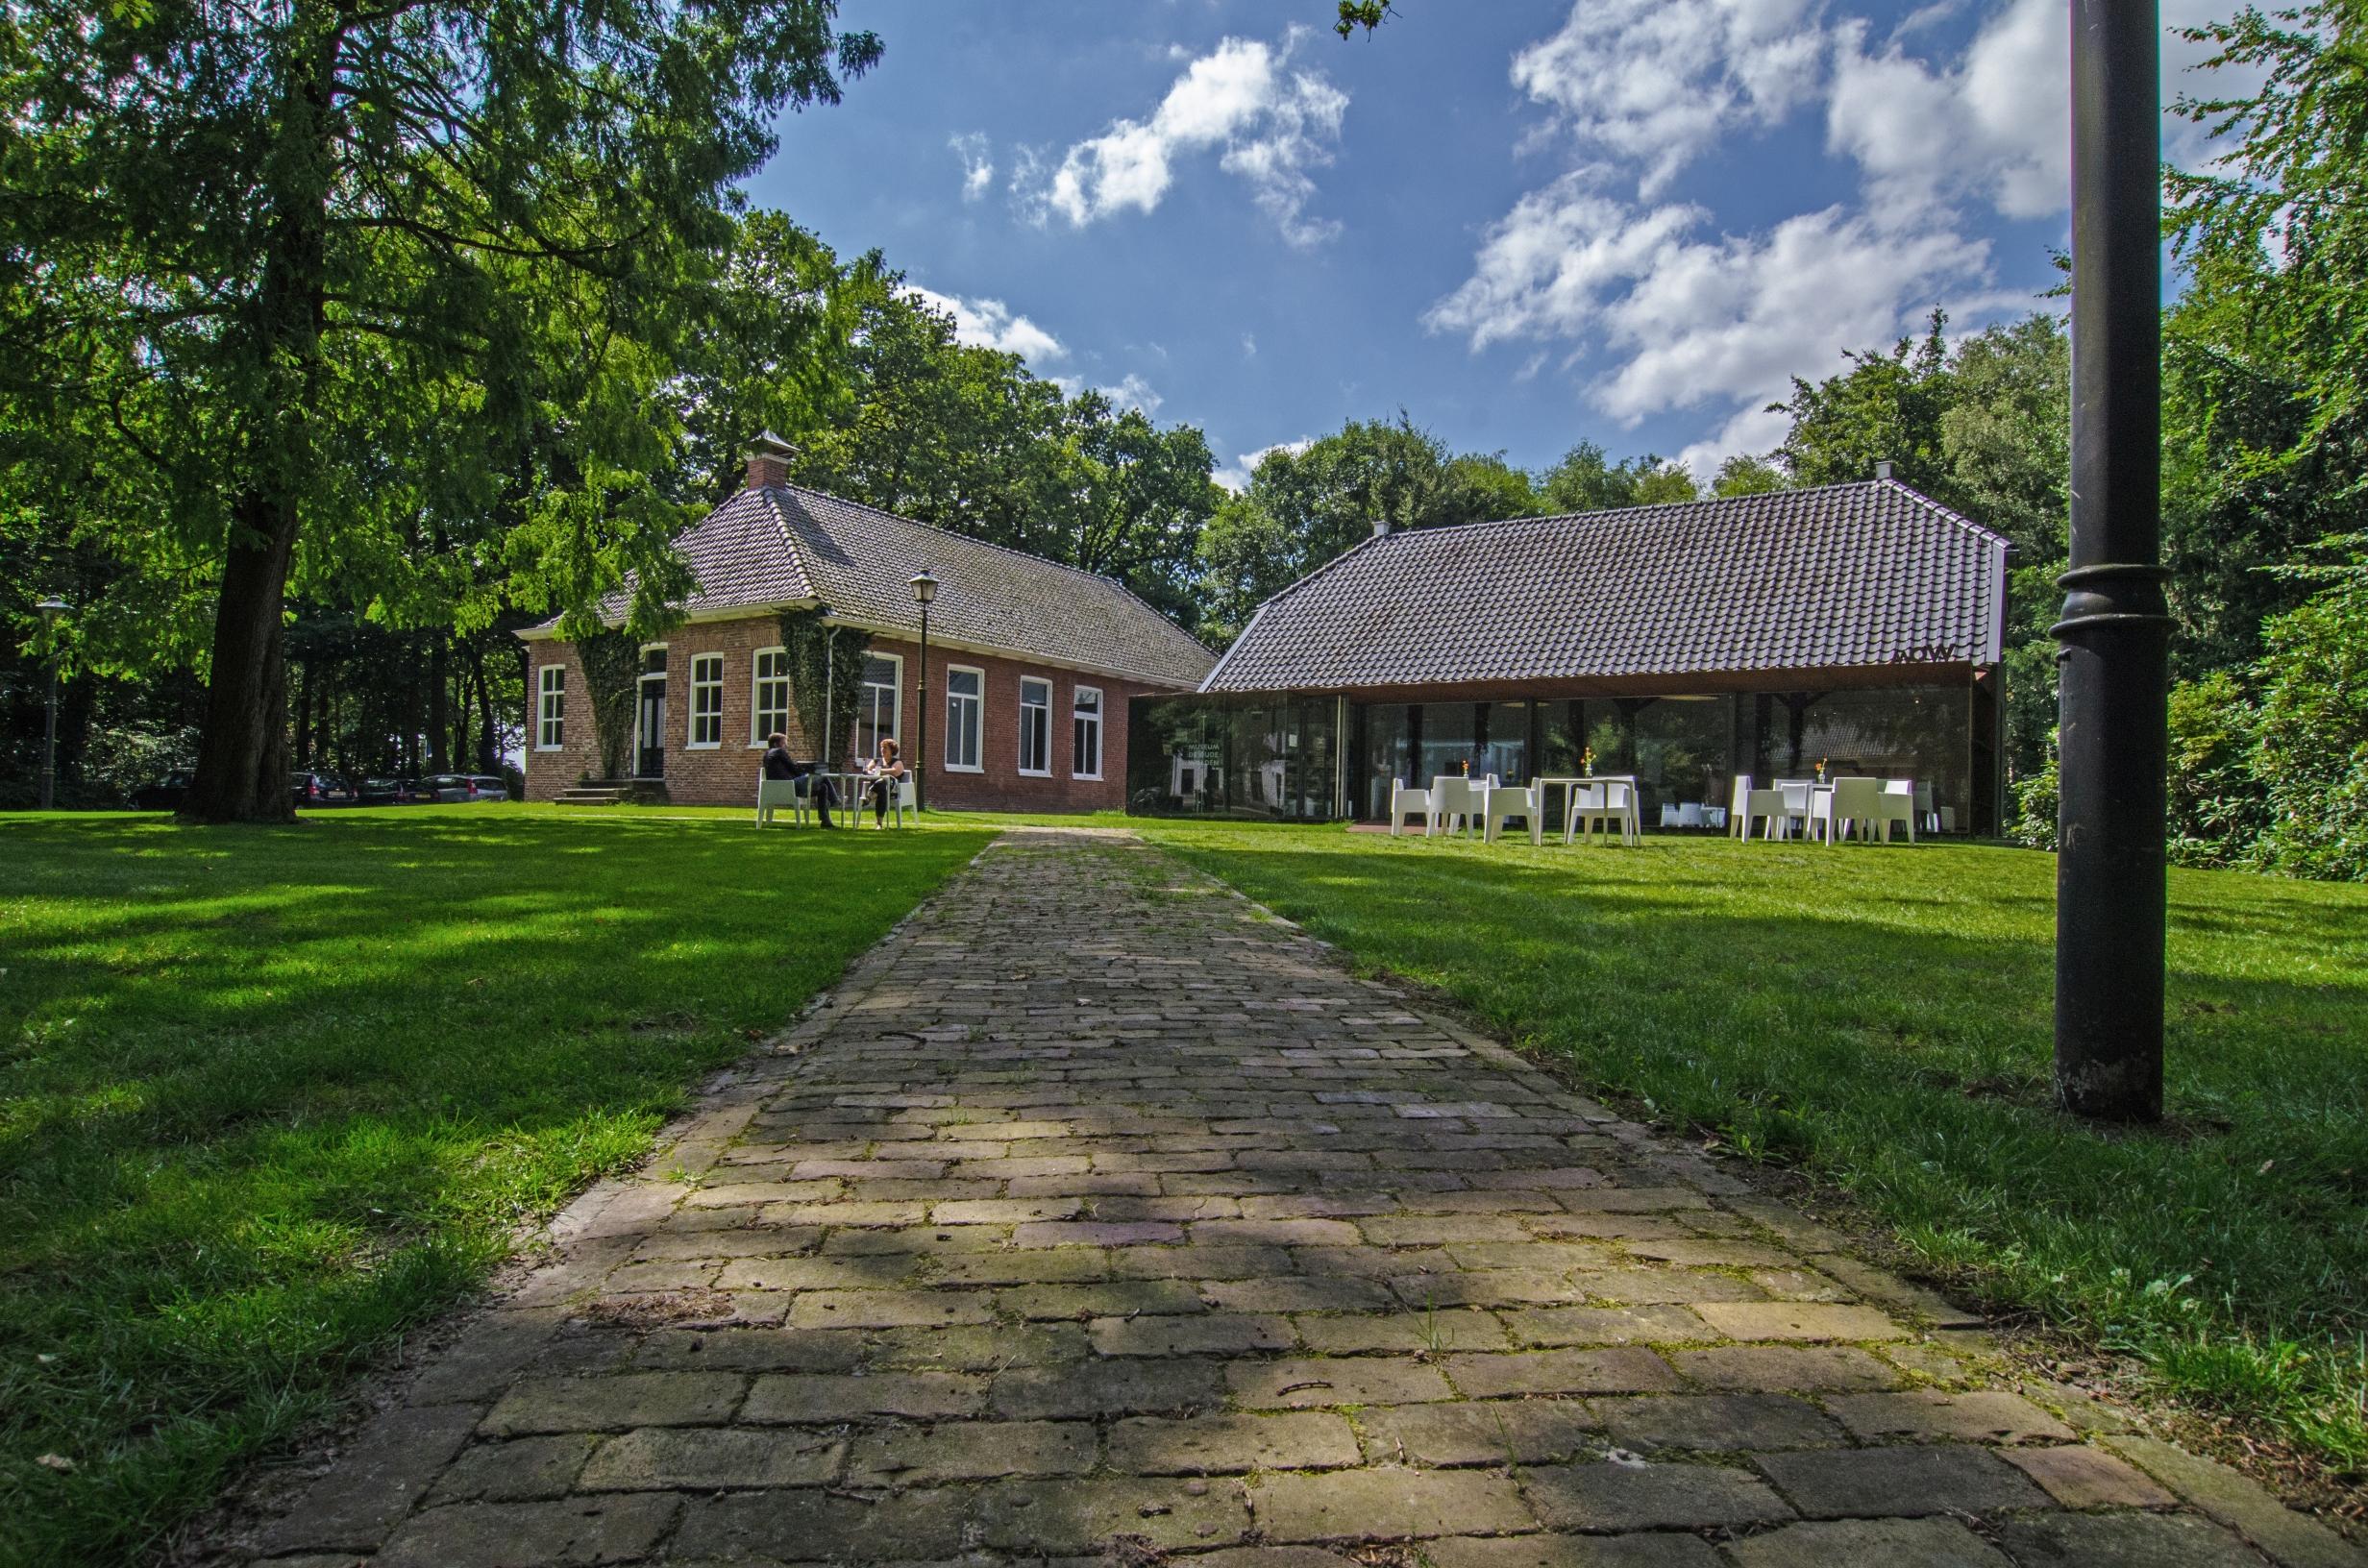 Midden in de natuur tussen de bomen en een groen grasveld ligt aan het eind van een klinkerweg een imposante boerderij waar het museum in is gevestigd.